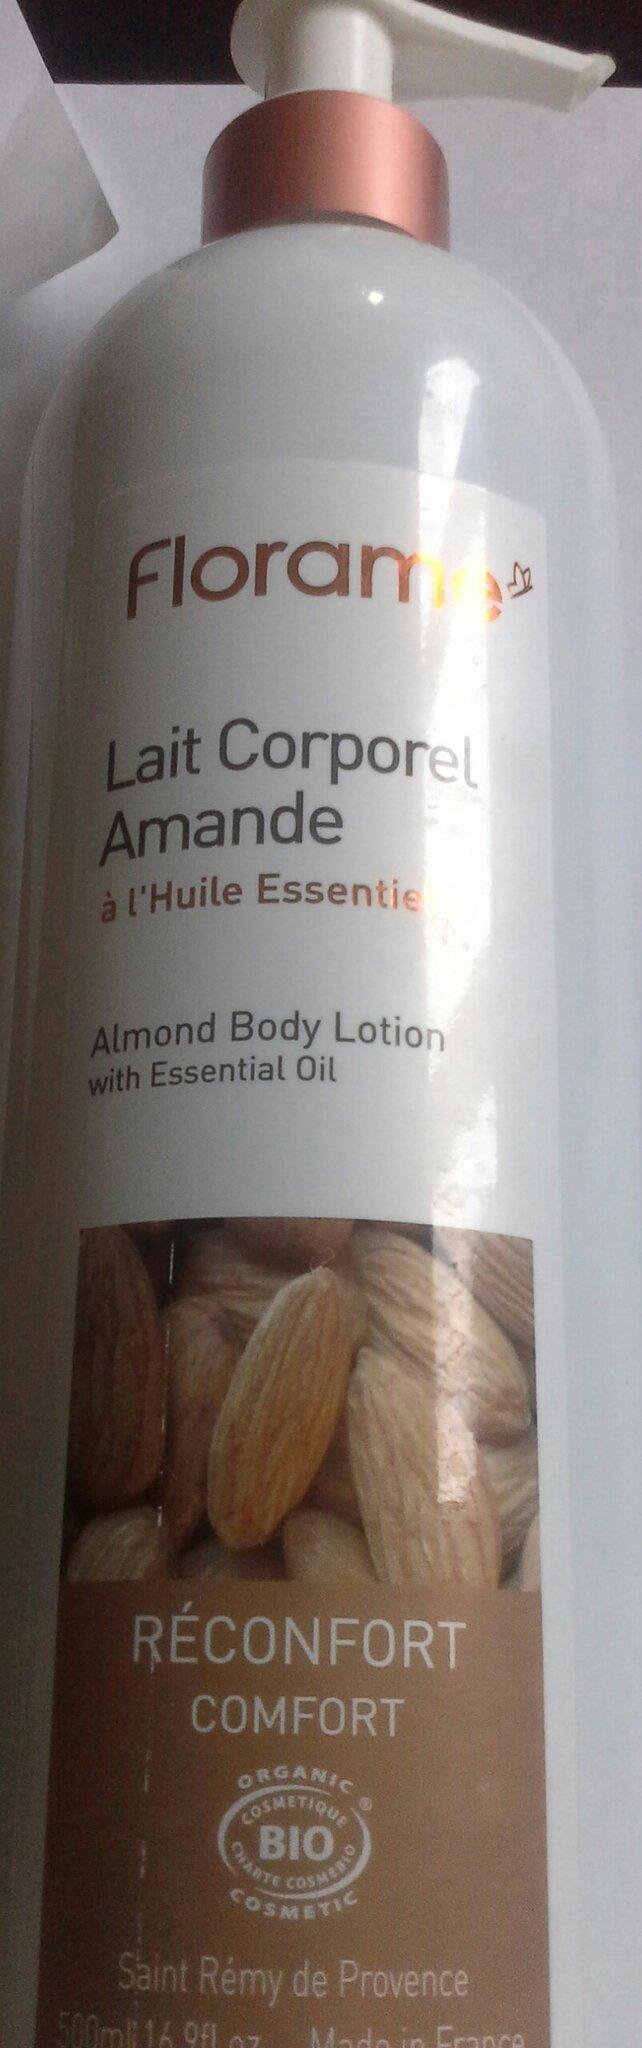 Lait corporel Amande aux huiles essentielles de Florame 11,75€ les 500ml le meilleur lait hydratant de ma vie!!!!!!